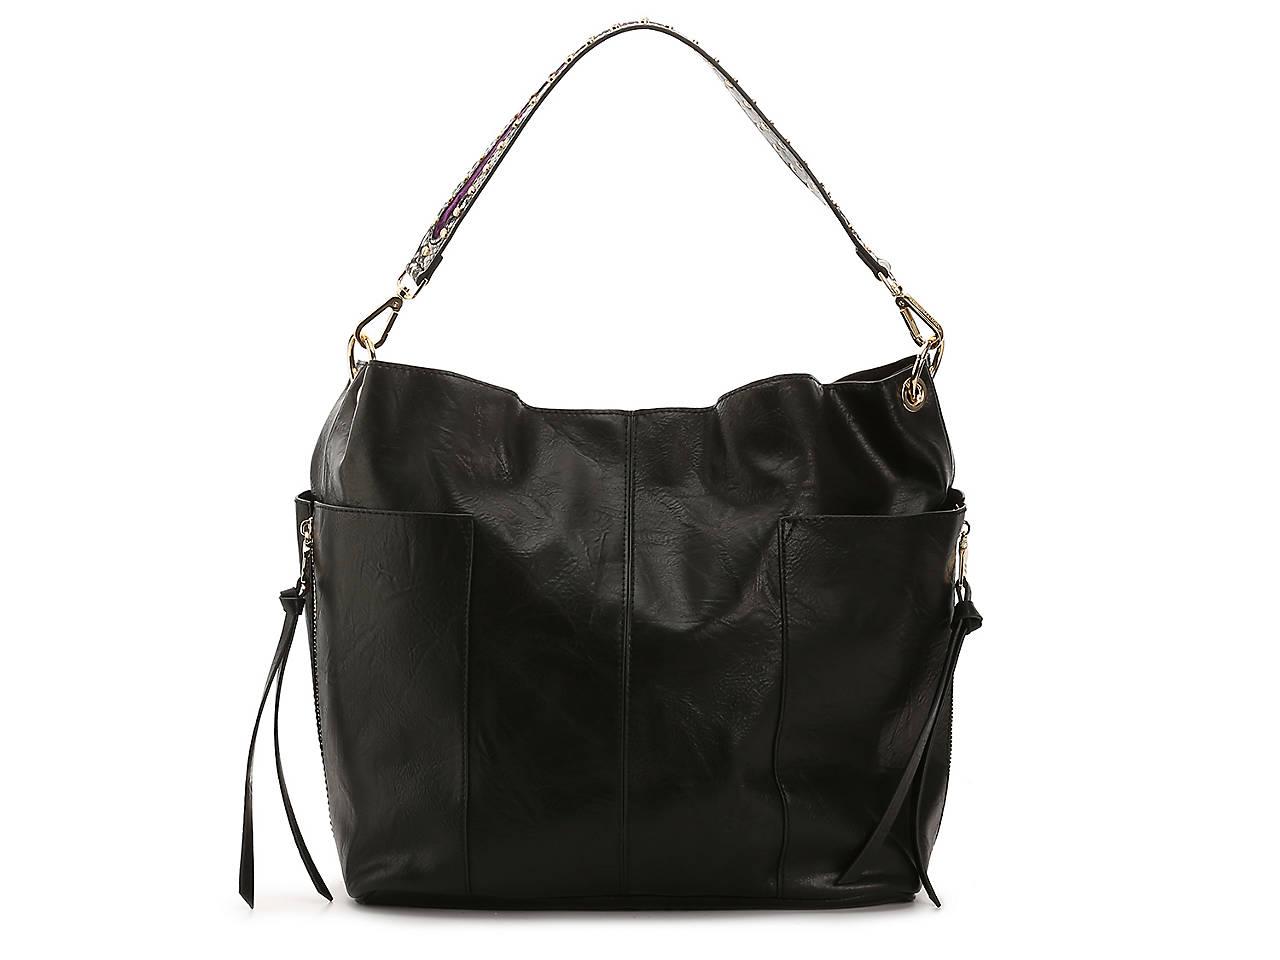 b4dae4afa6 Steve Madden Cassie Hobo Bag Women s Handbags   Accessories